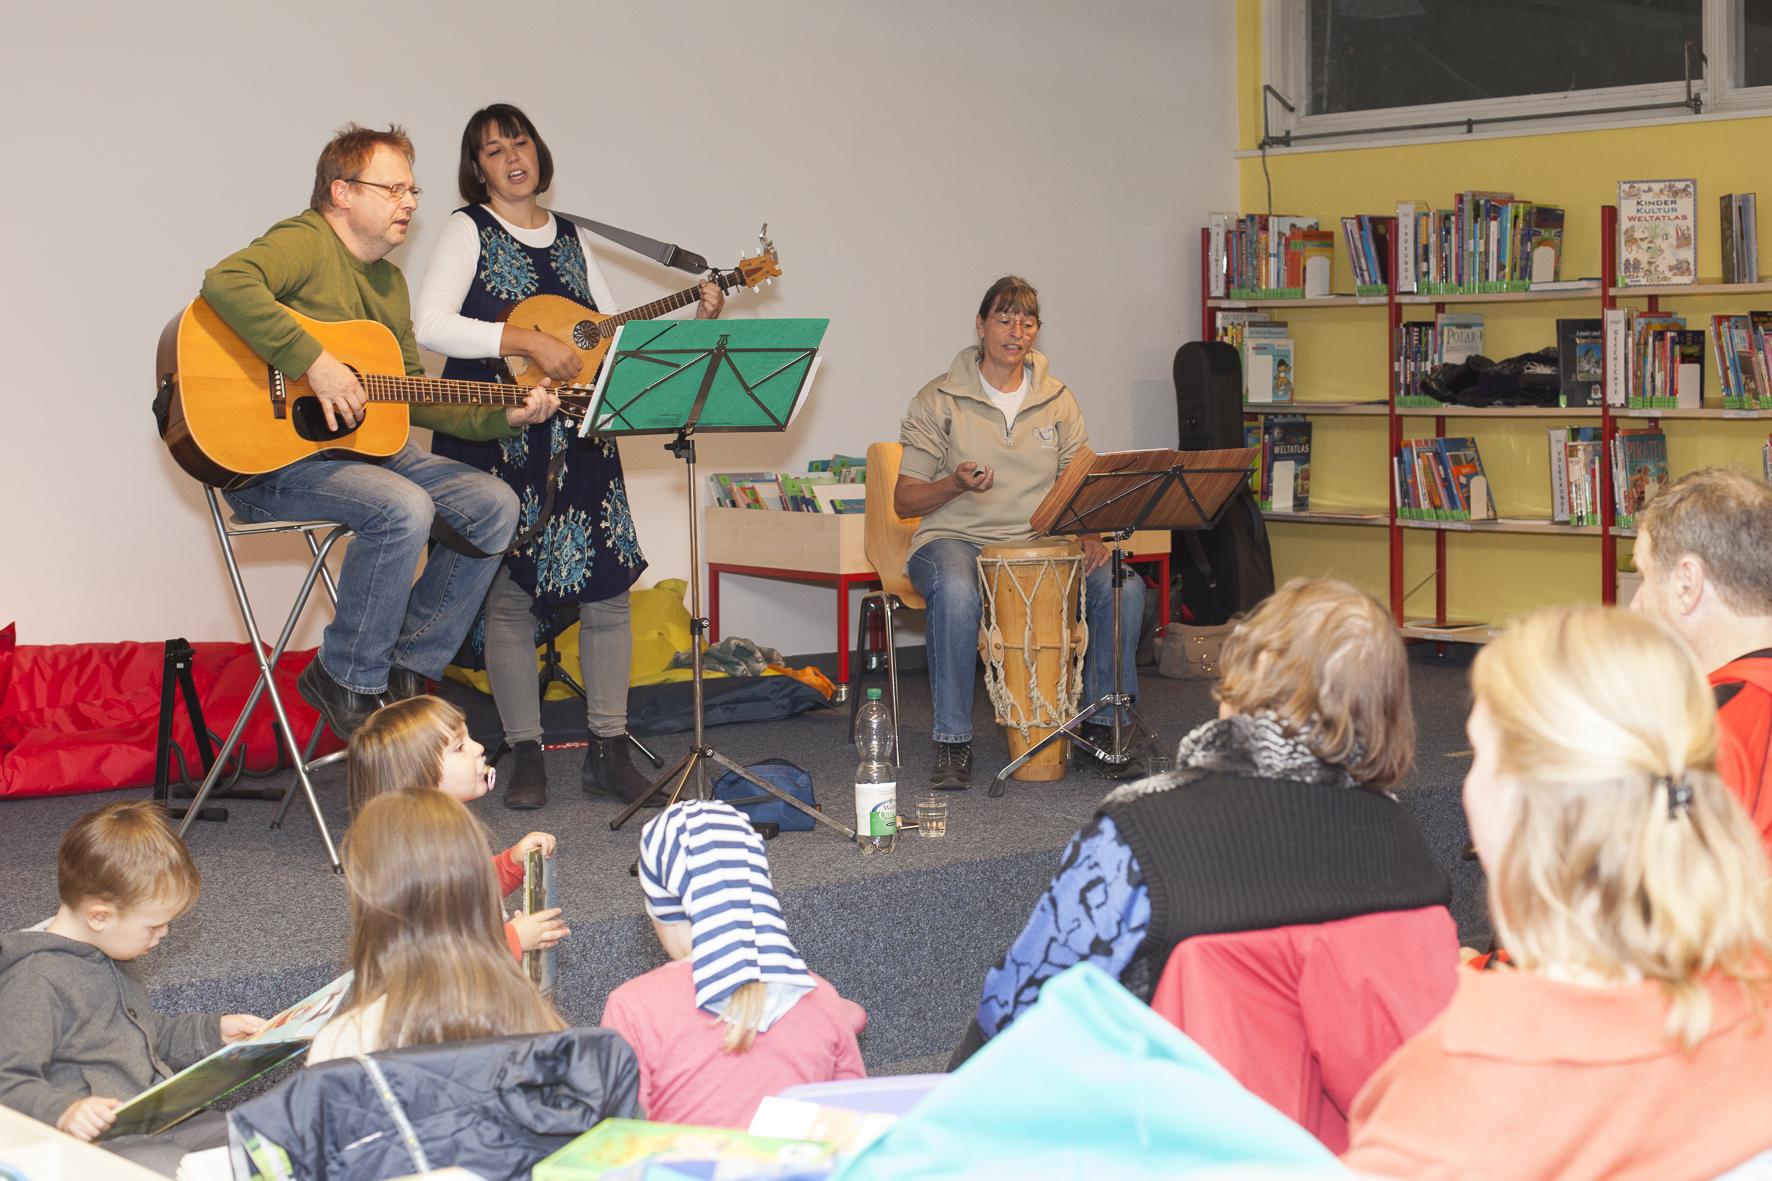 Holzkehlchen in der Bibliothek am Schäfersee, Foto: Patricia Schichl